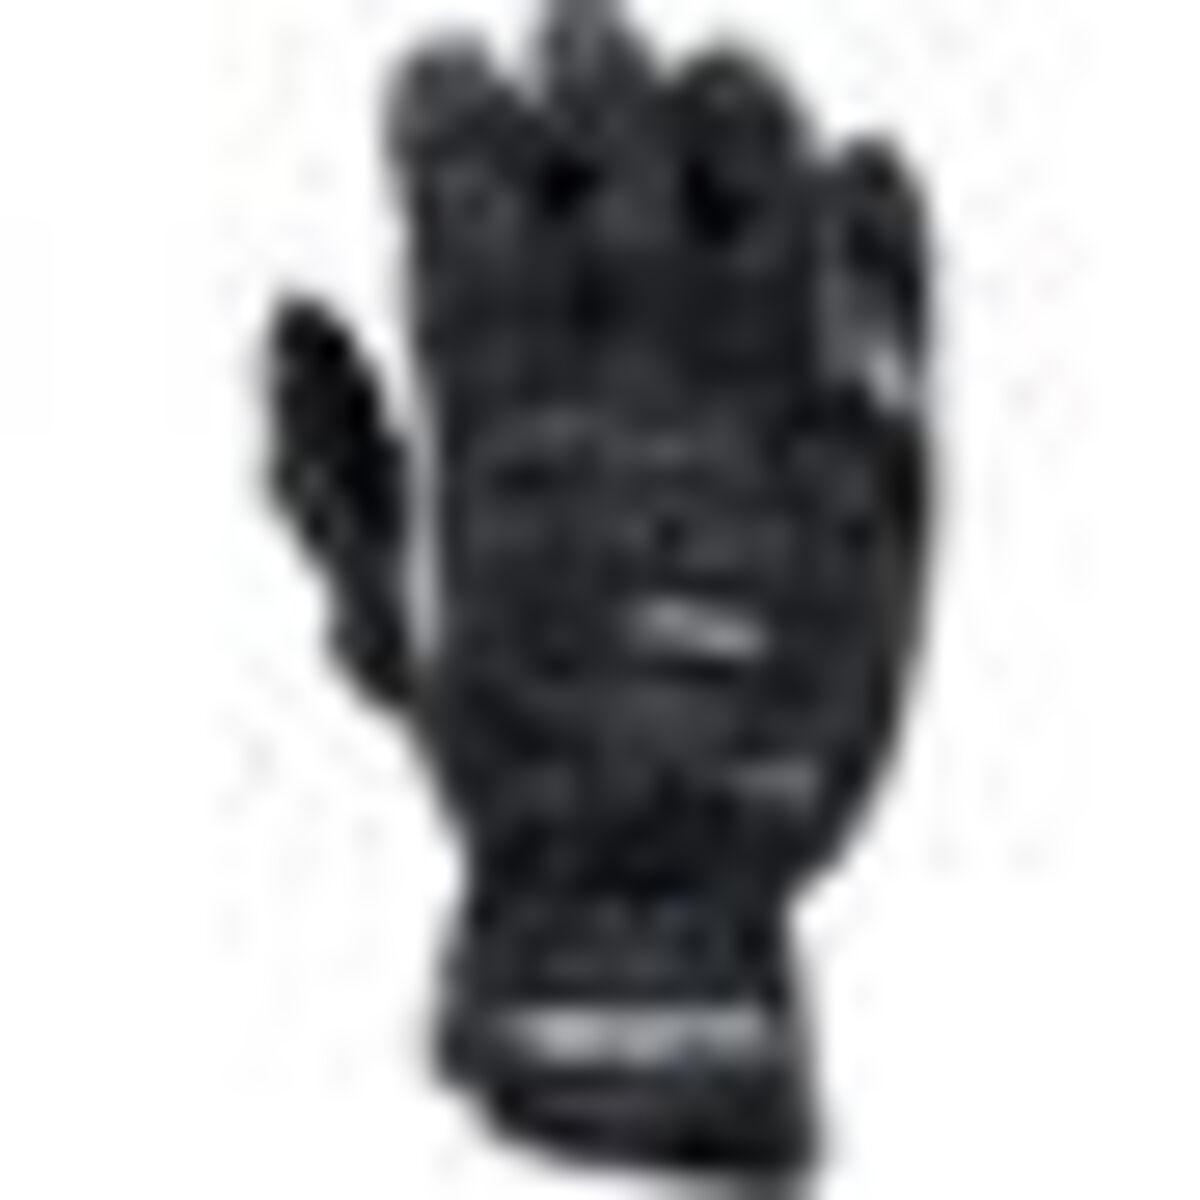 Bild 4 von FLM            Sports Lederhandschuh 2.0 kurz schwarz